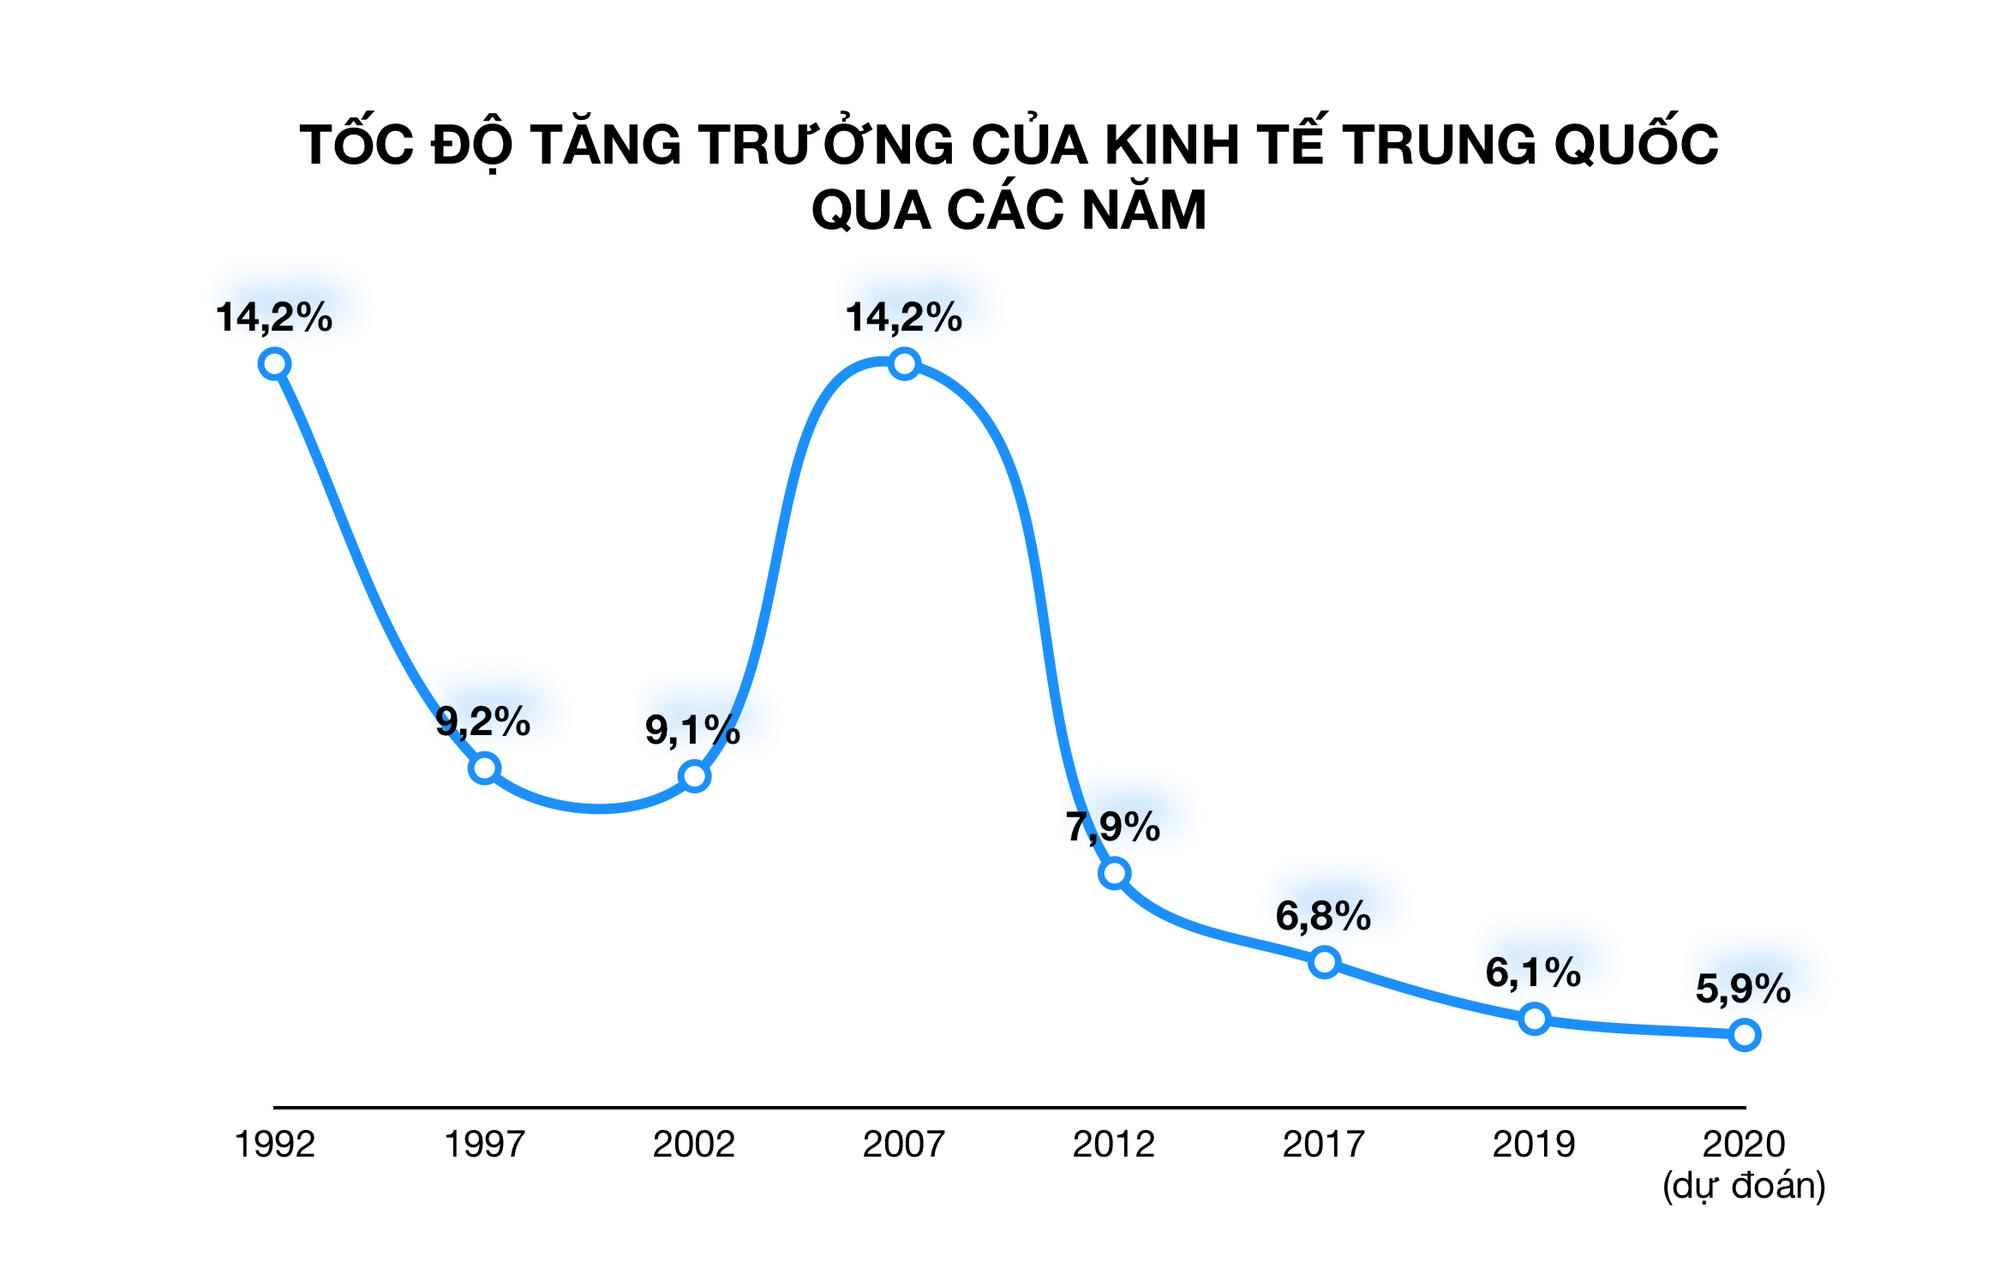 Dịch Covid-19 ảnh hưởng không đáng kể tới kinh tế Trung Quốc, quý III có thể phục hồi - Ảnh 1.